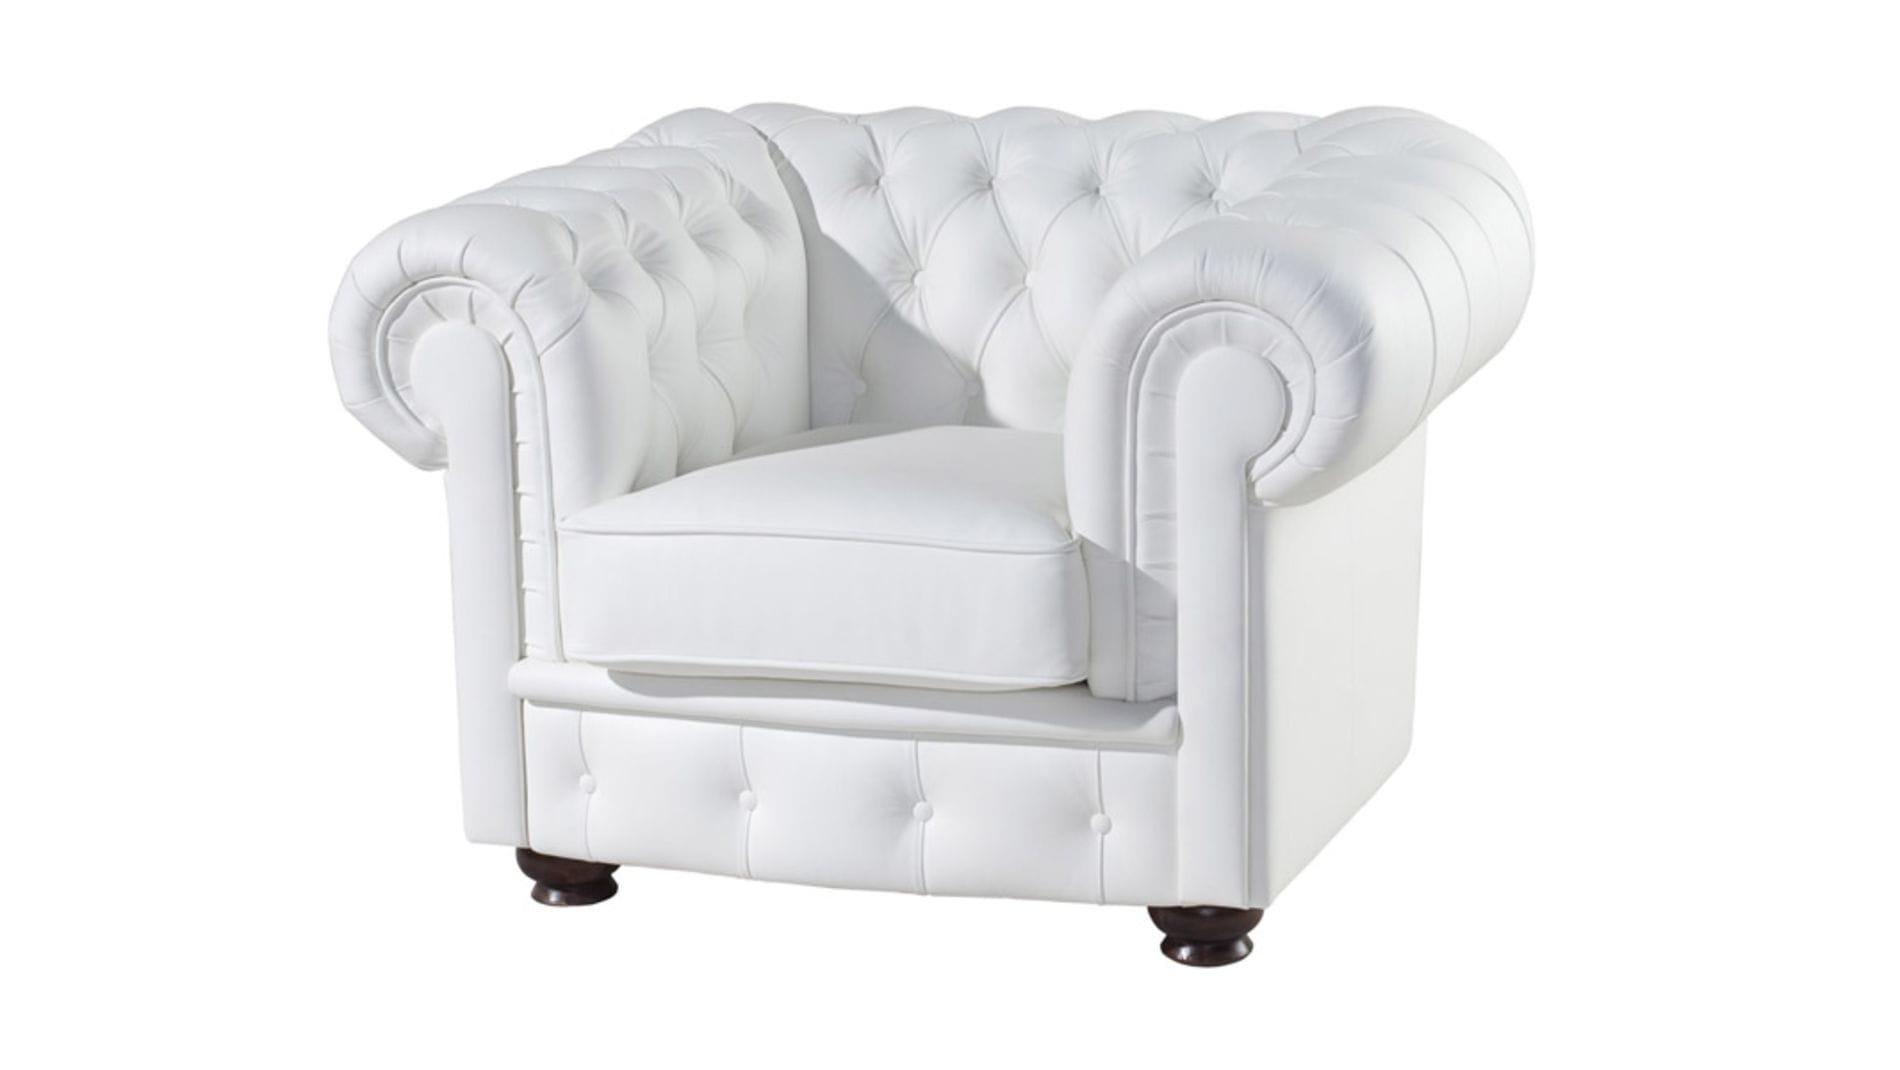 Кресло Честерфилд (Chesterfield) Белое Экокожа Р